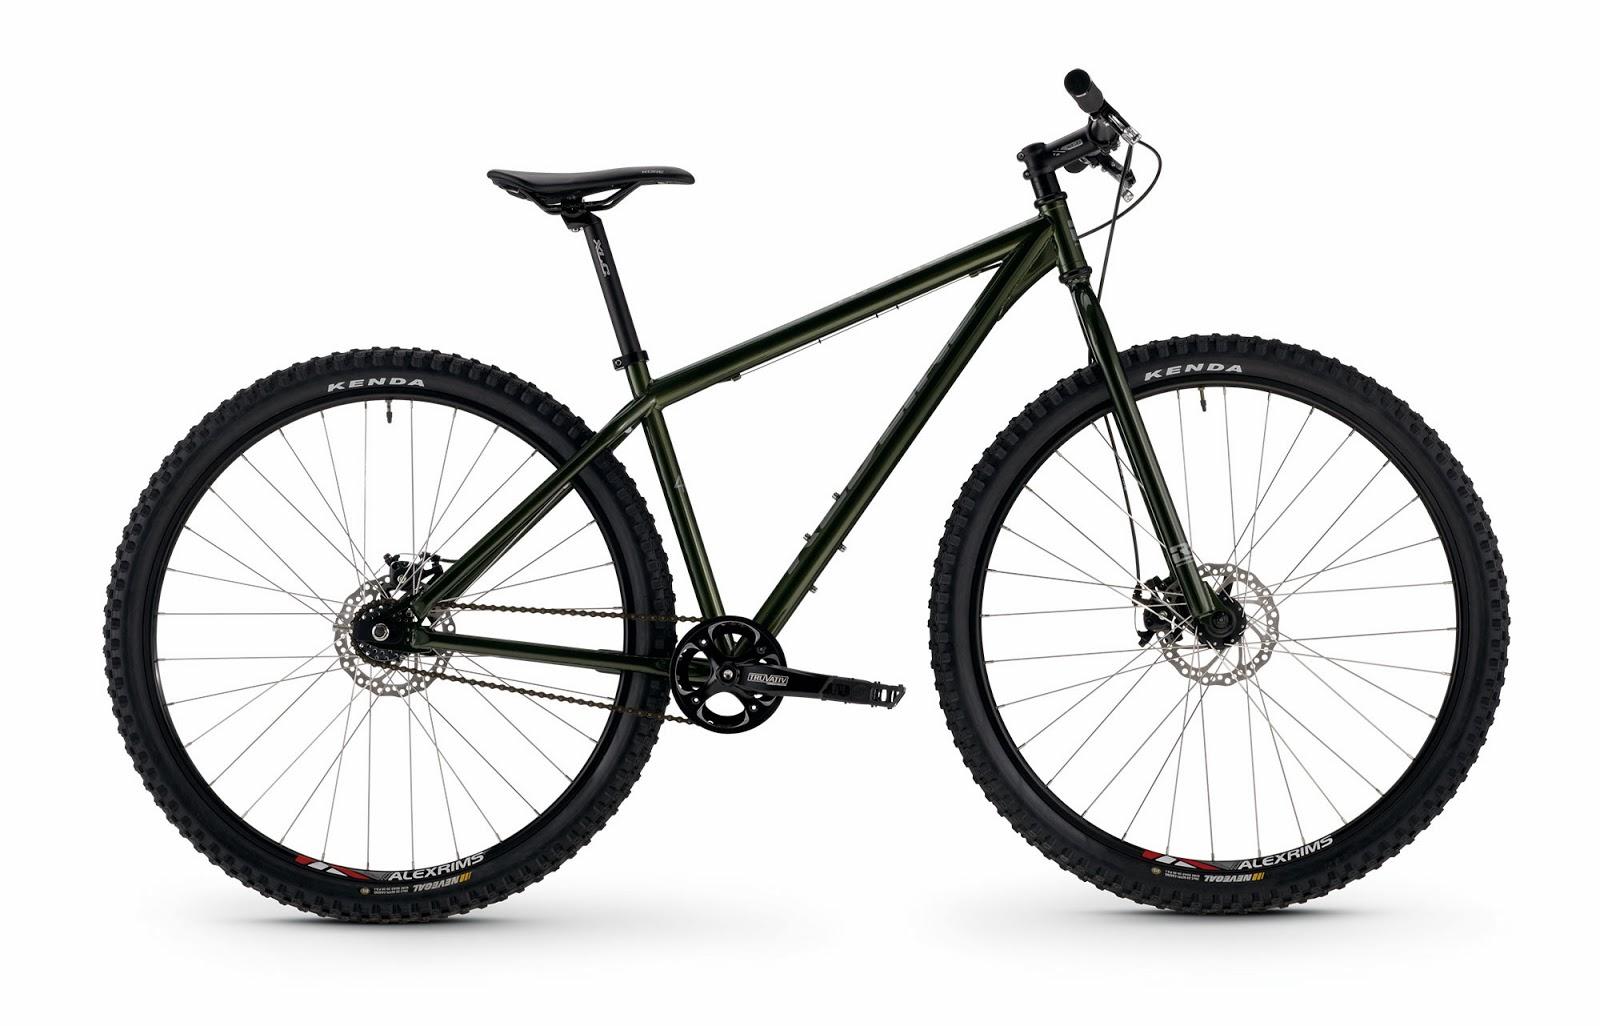 2014 Redline 29er Bikes